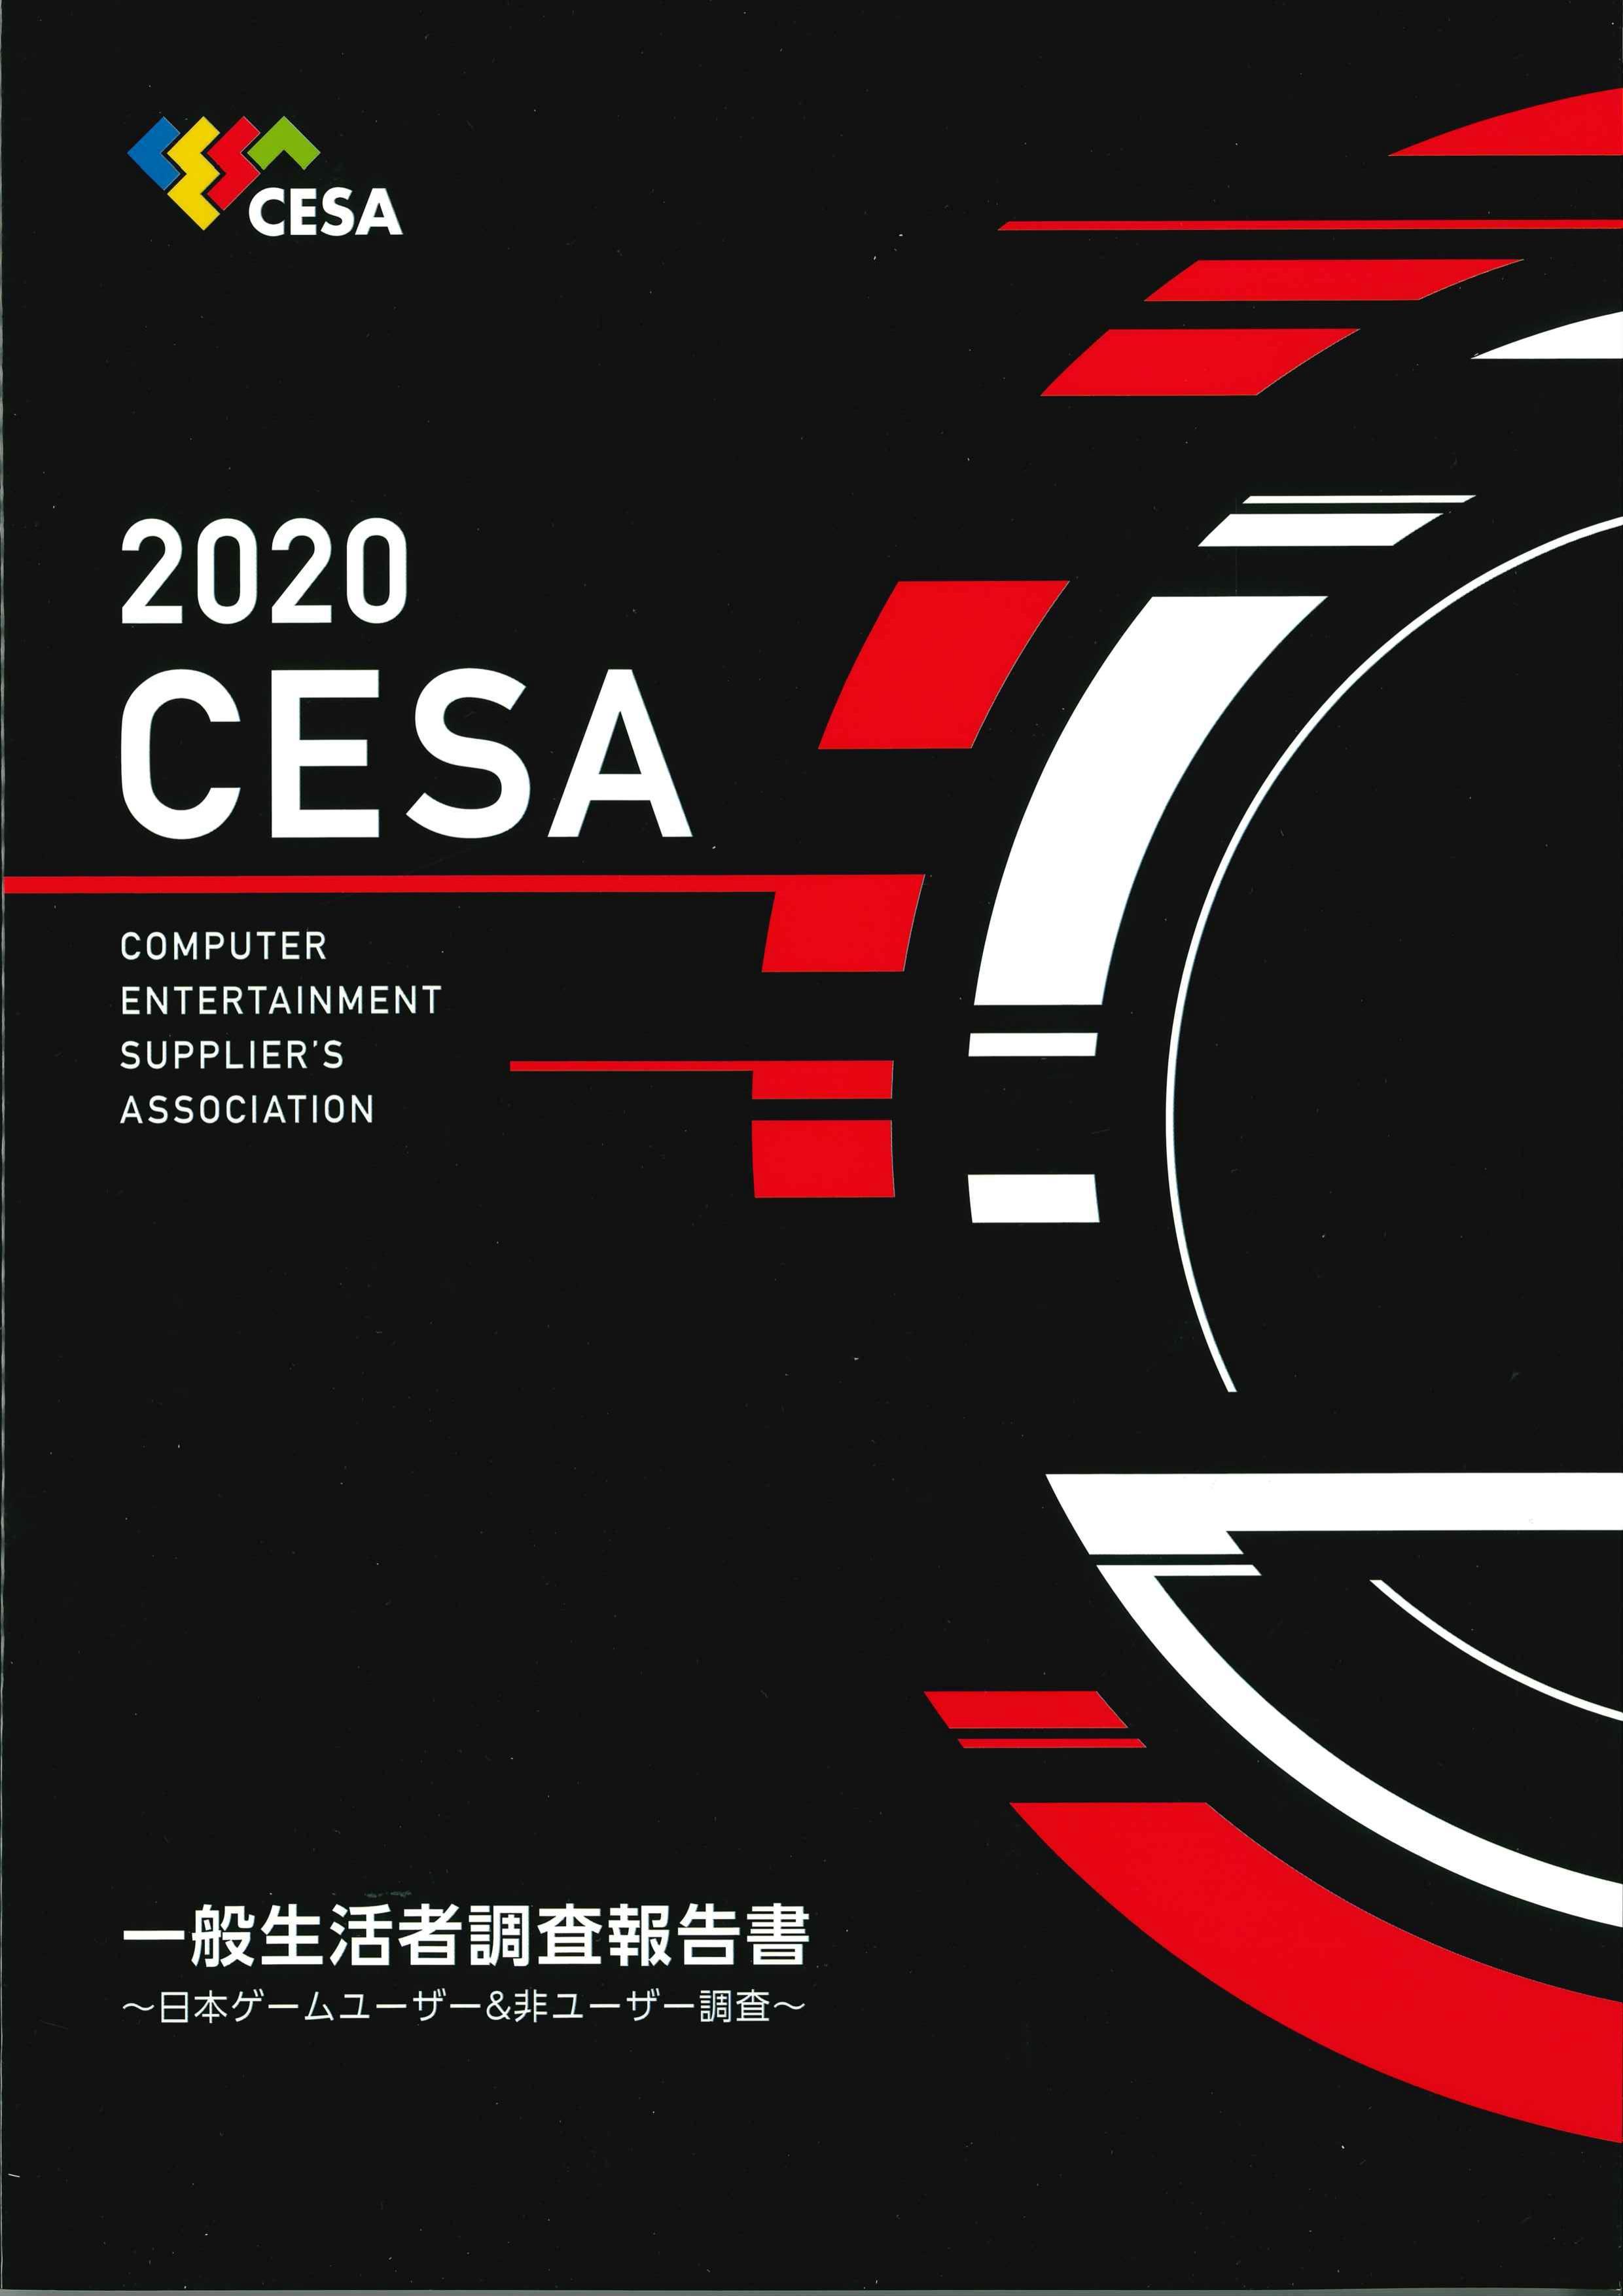 CESA一般生活者調査報告書 2020 | 株式会社かんぽう かんぽう ...